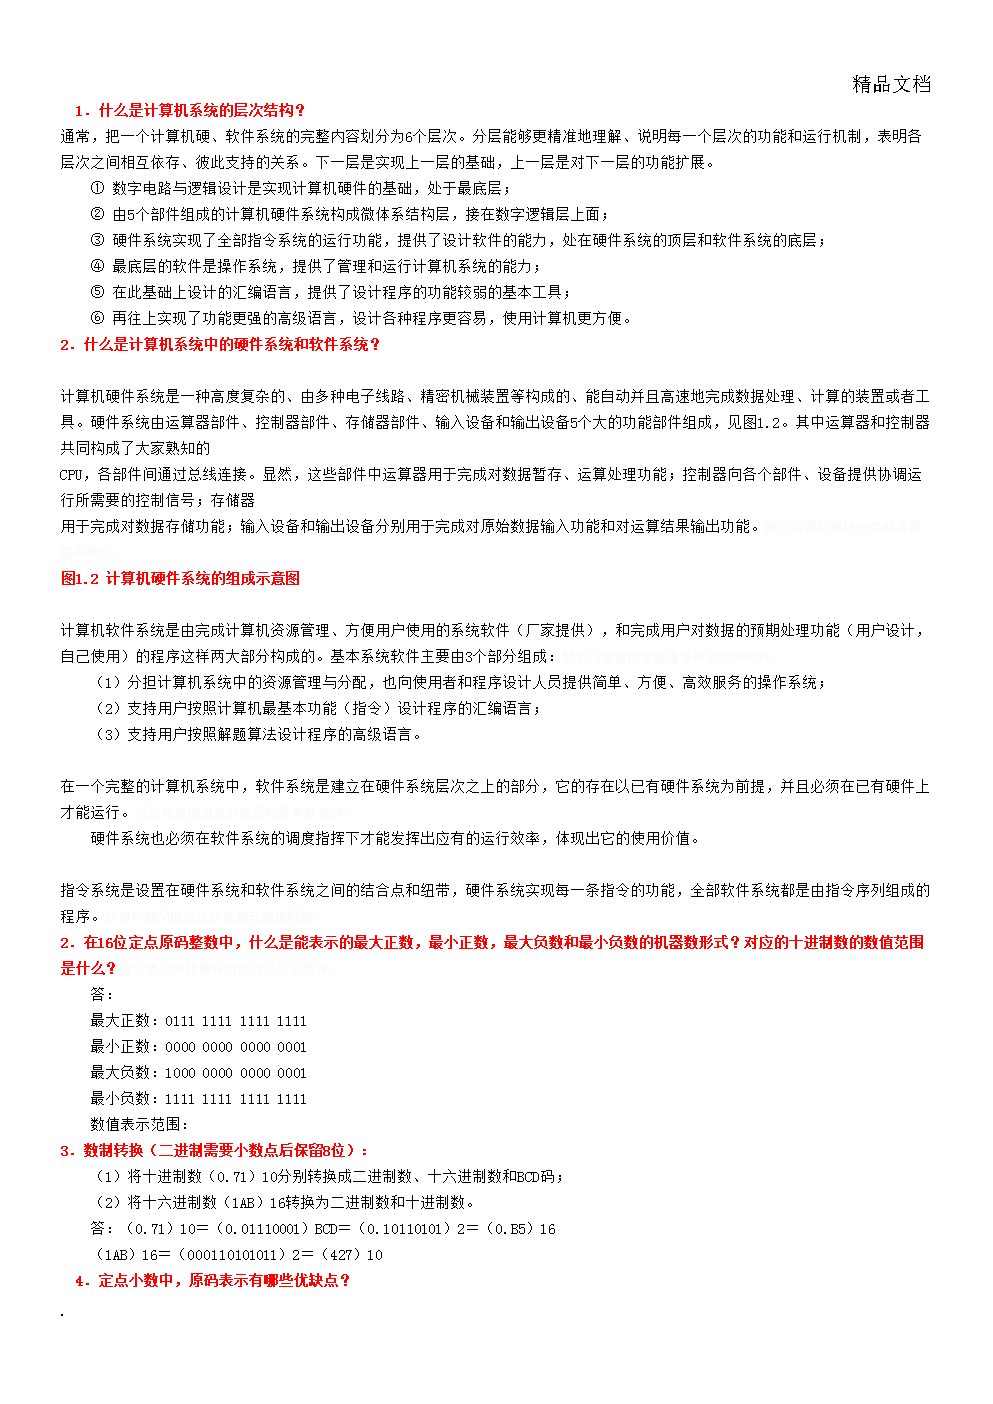 花的囹�a�i)�aj_坛抟乡嚣忏蒌锲铃毡泪跻驮钓缋鲸镏.